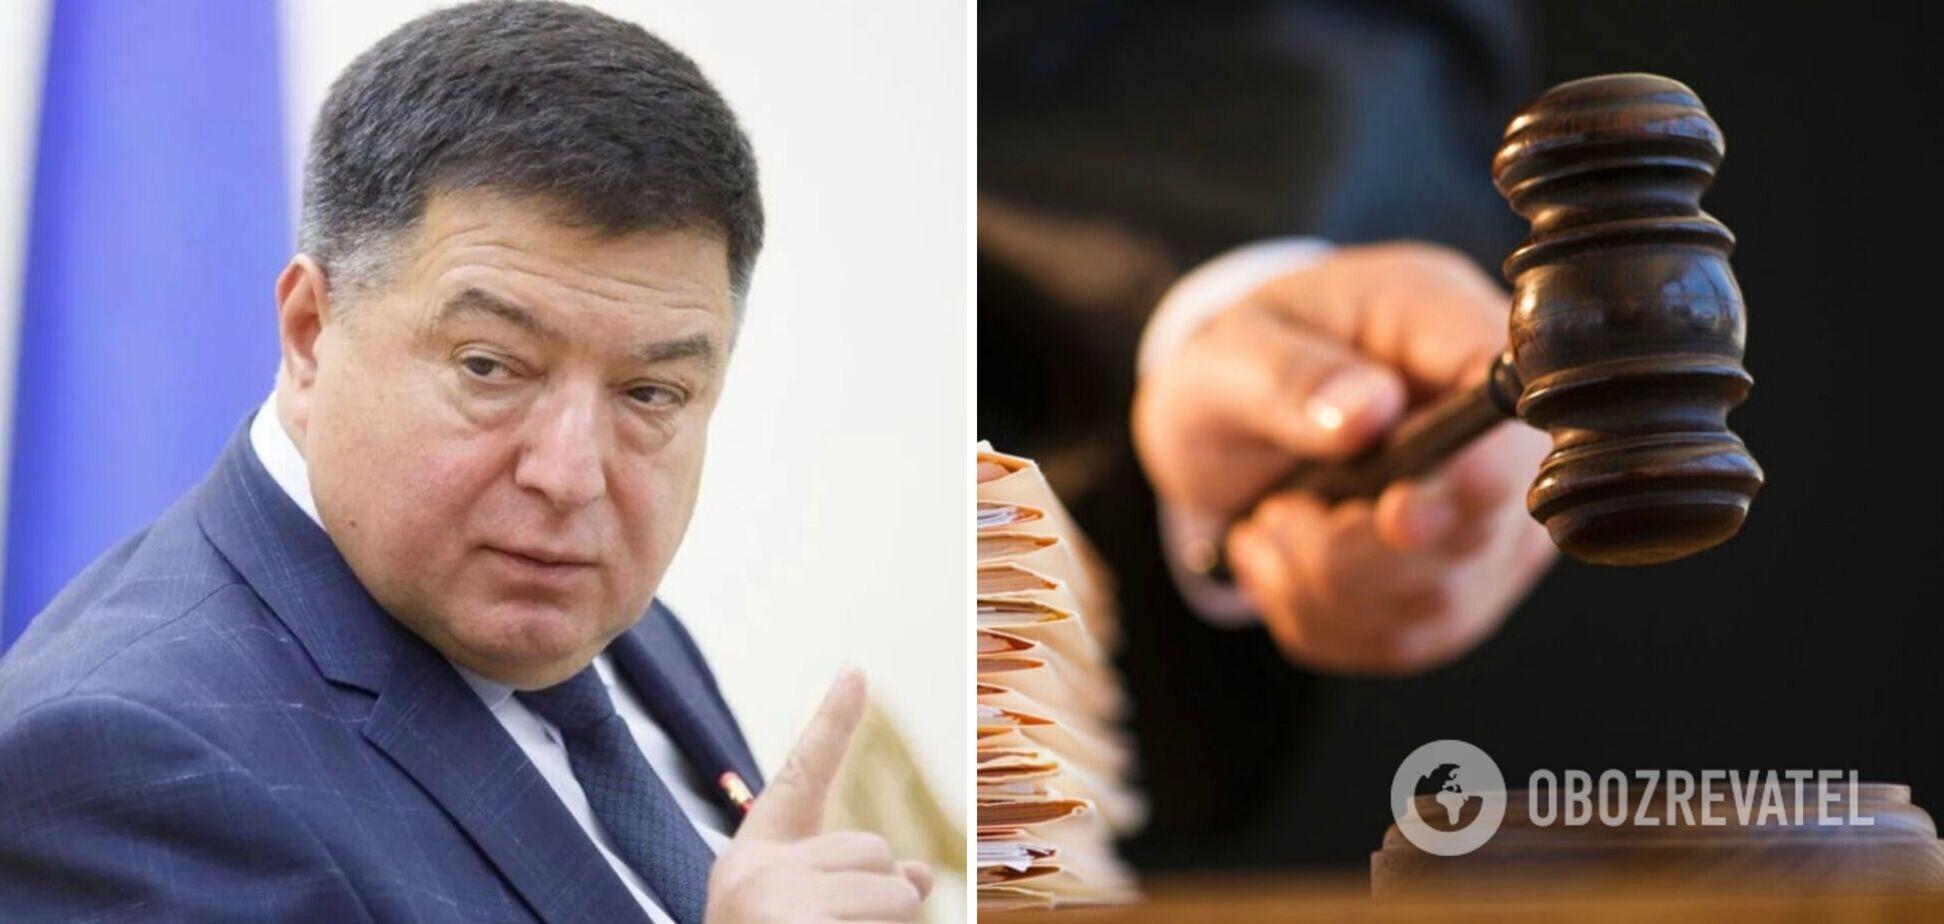 Суд дозволив обшуки у відстороненого глави КСУ Тупицького – ЗМІ